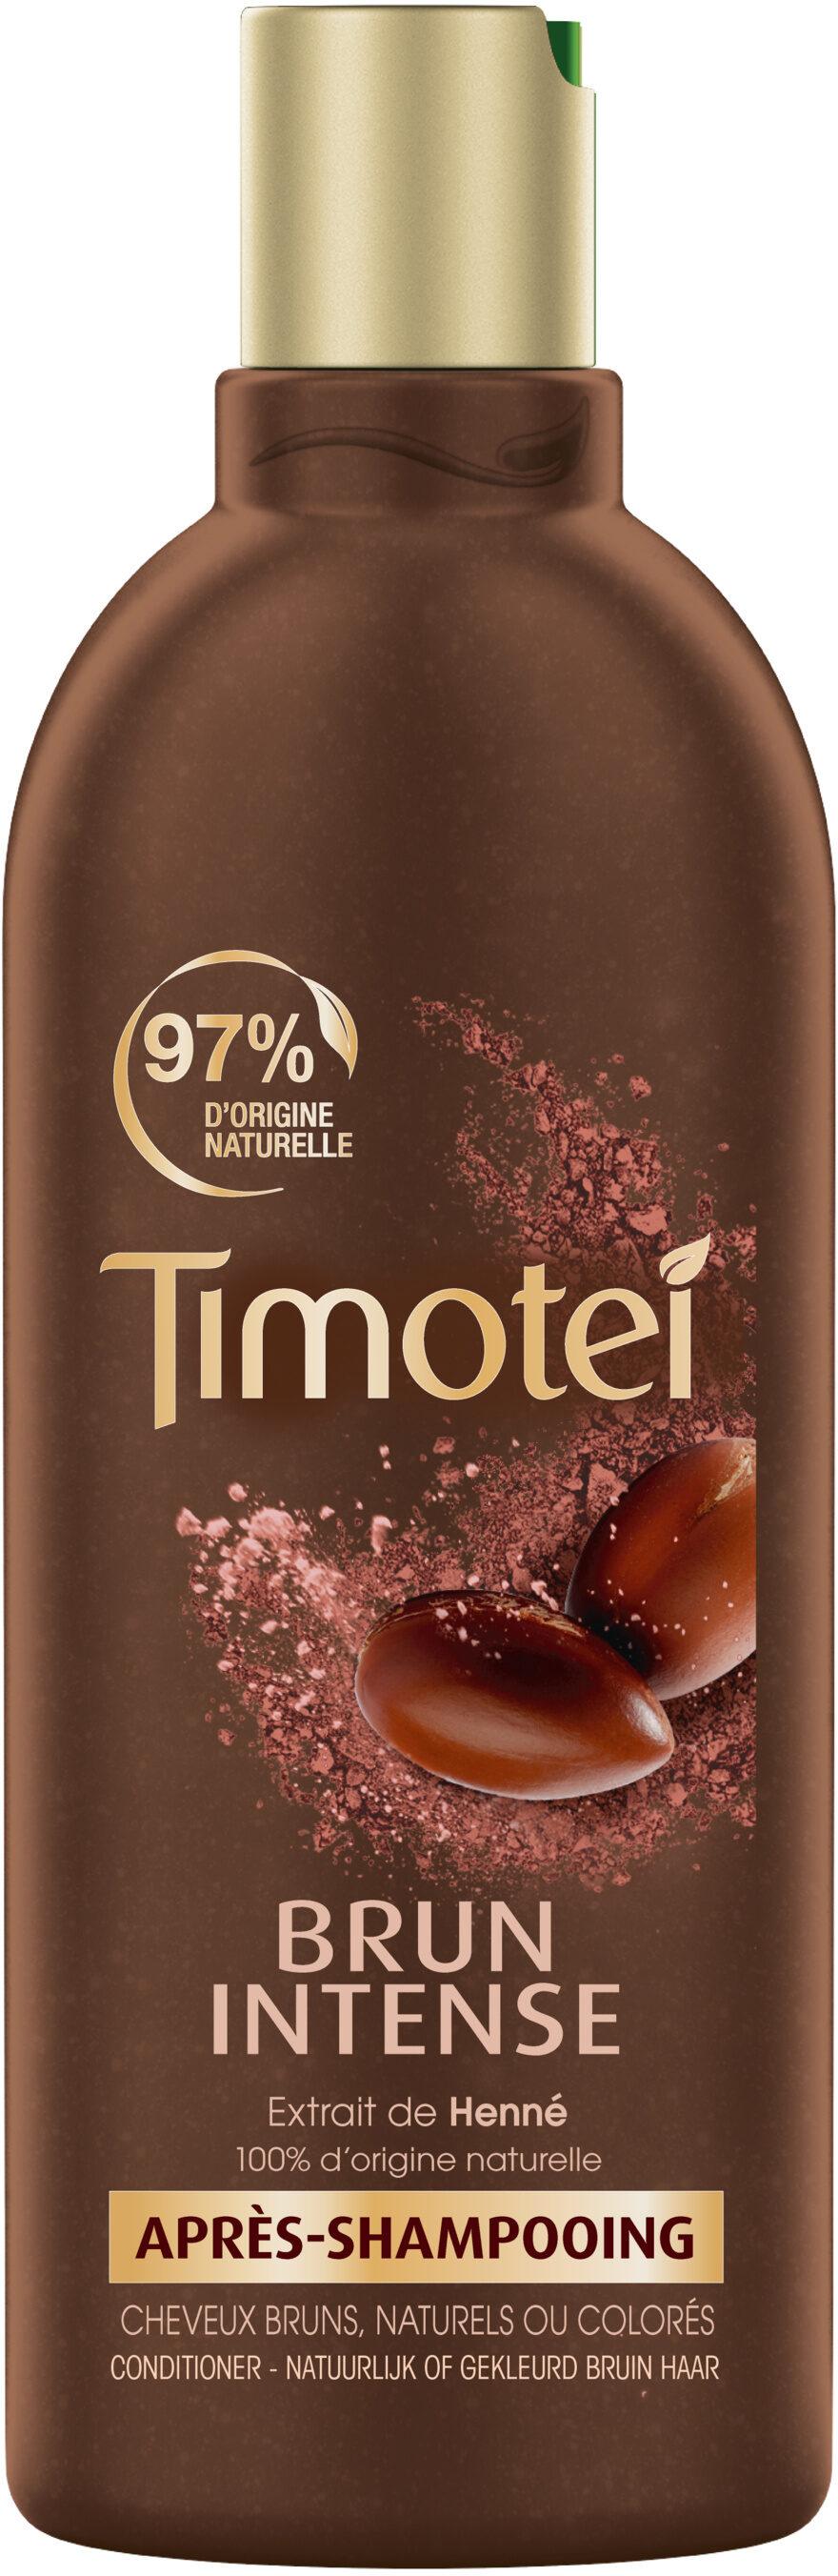 Timotei Brun Intense Après Shampoing Enrichie à l'Extrait de Henné Cheveux Bruns - Produit - fr